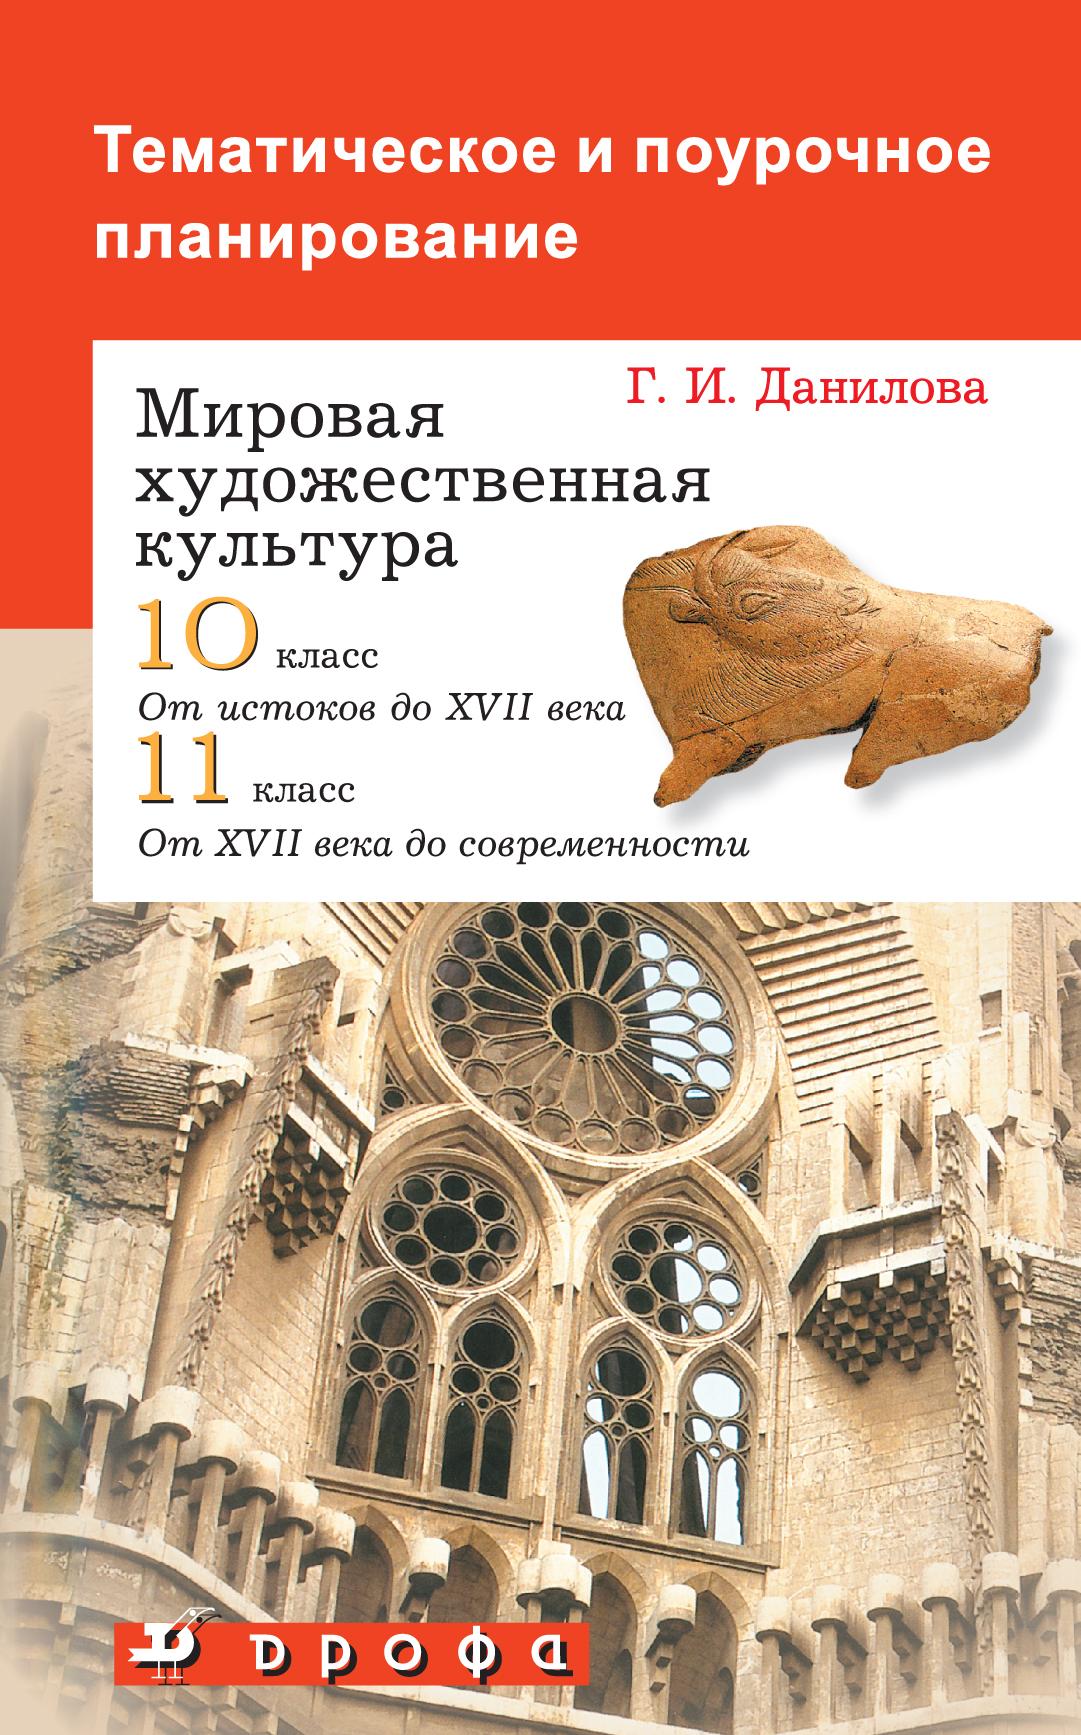 Тематическое и поурочное планирование к учебнику МХК. 10–11 классы